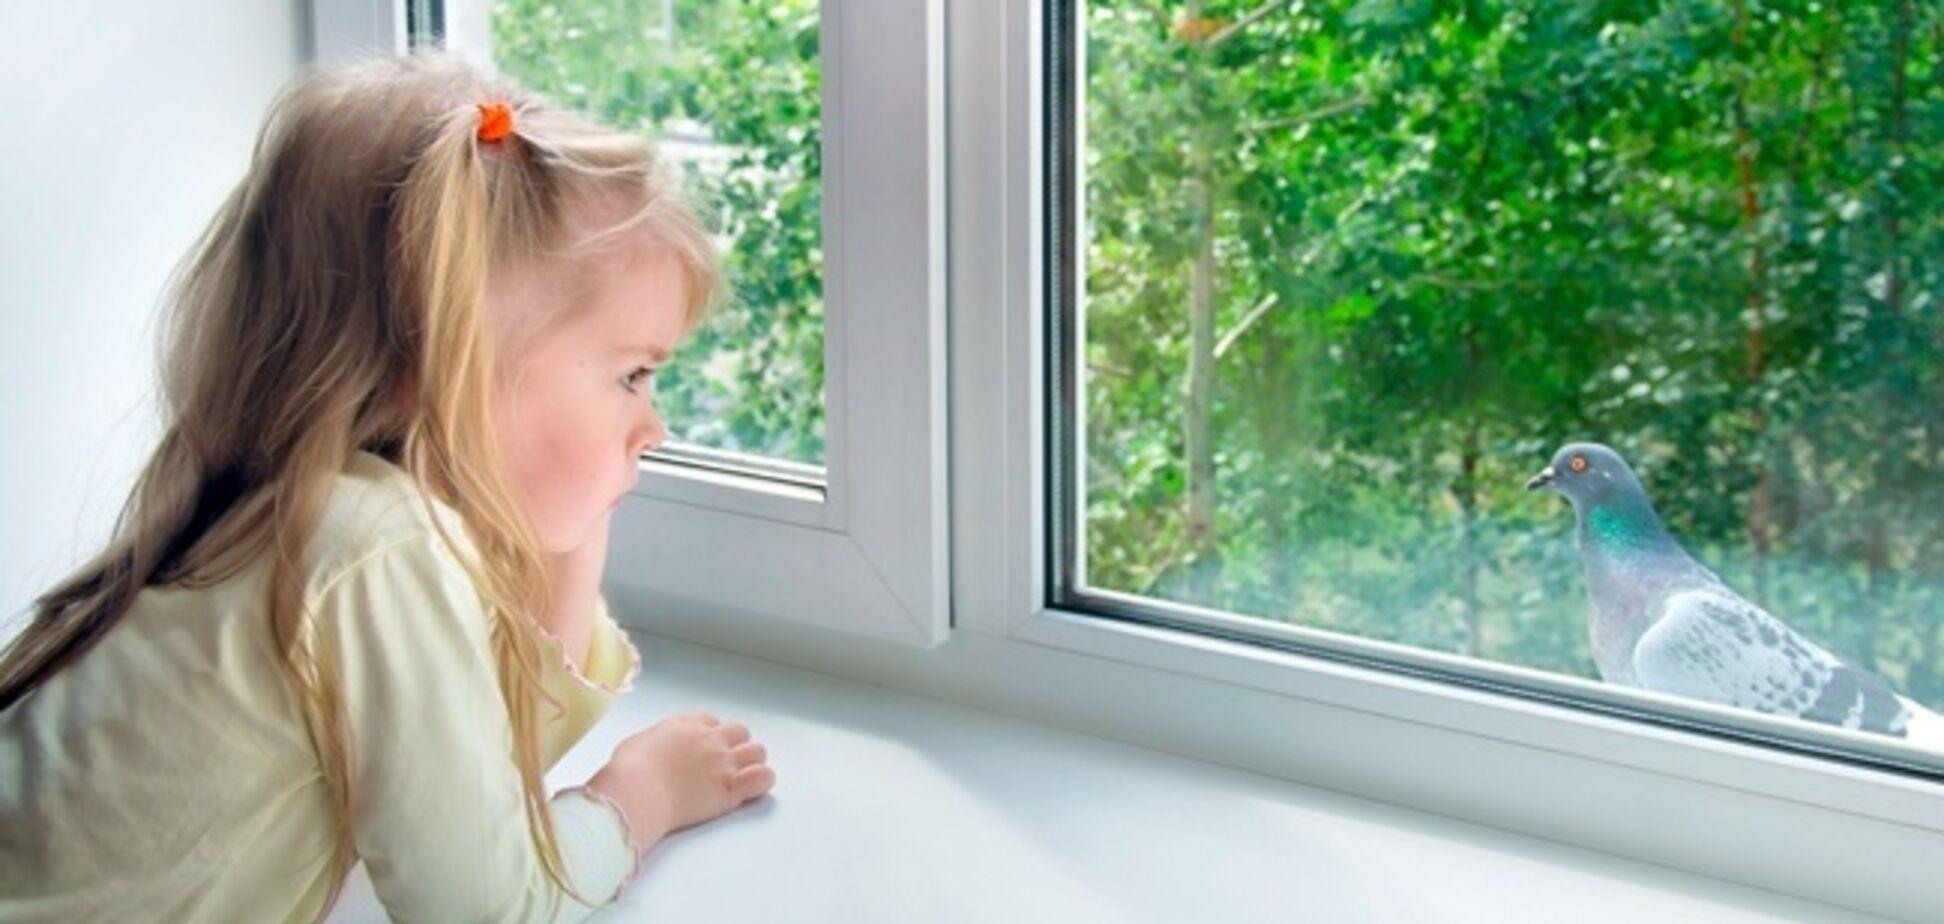 В Днепре маленькая девочка вышла гулять через окно